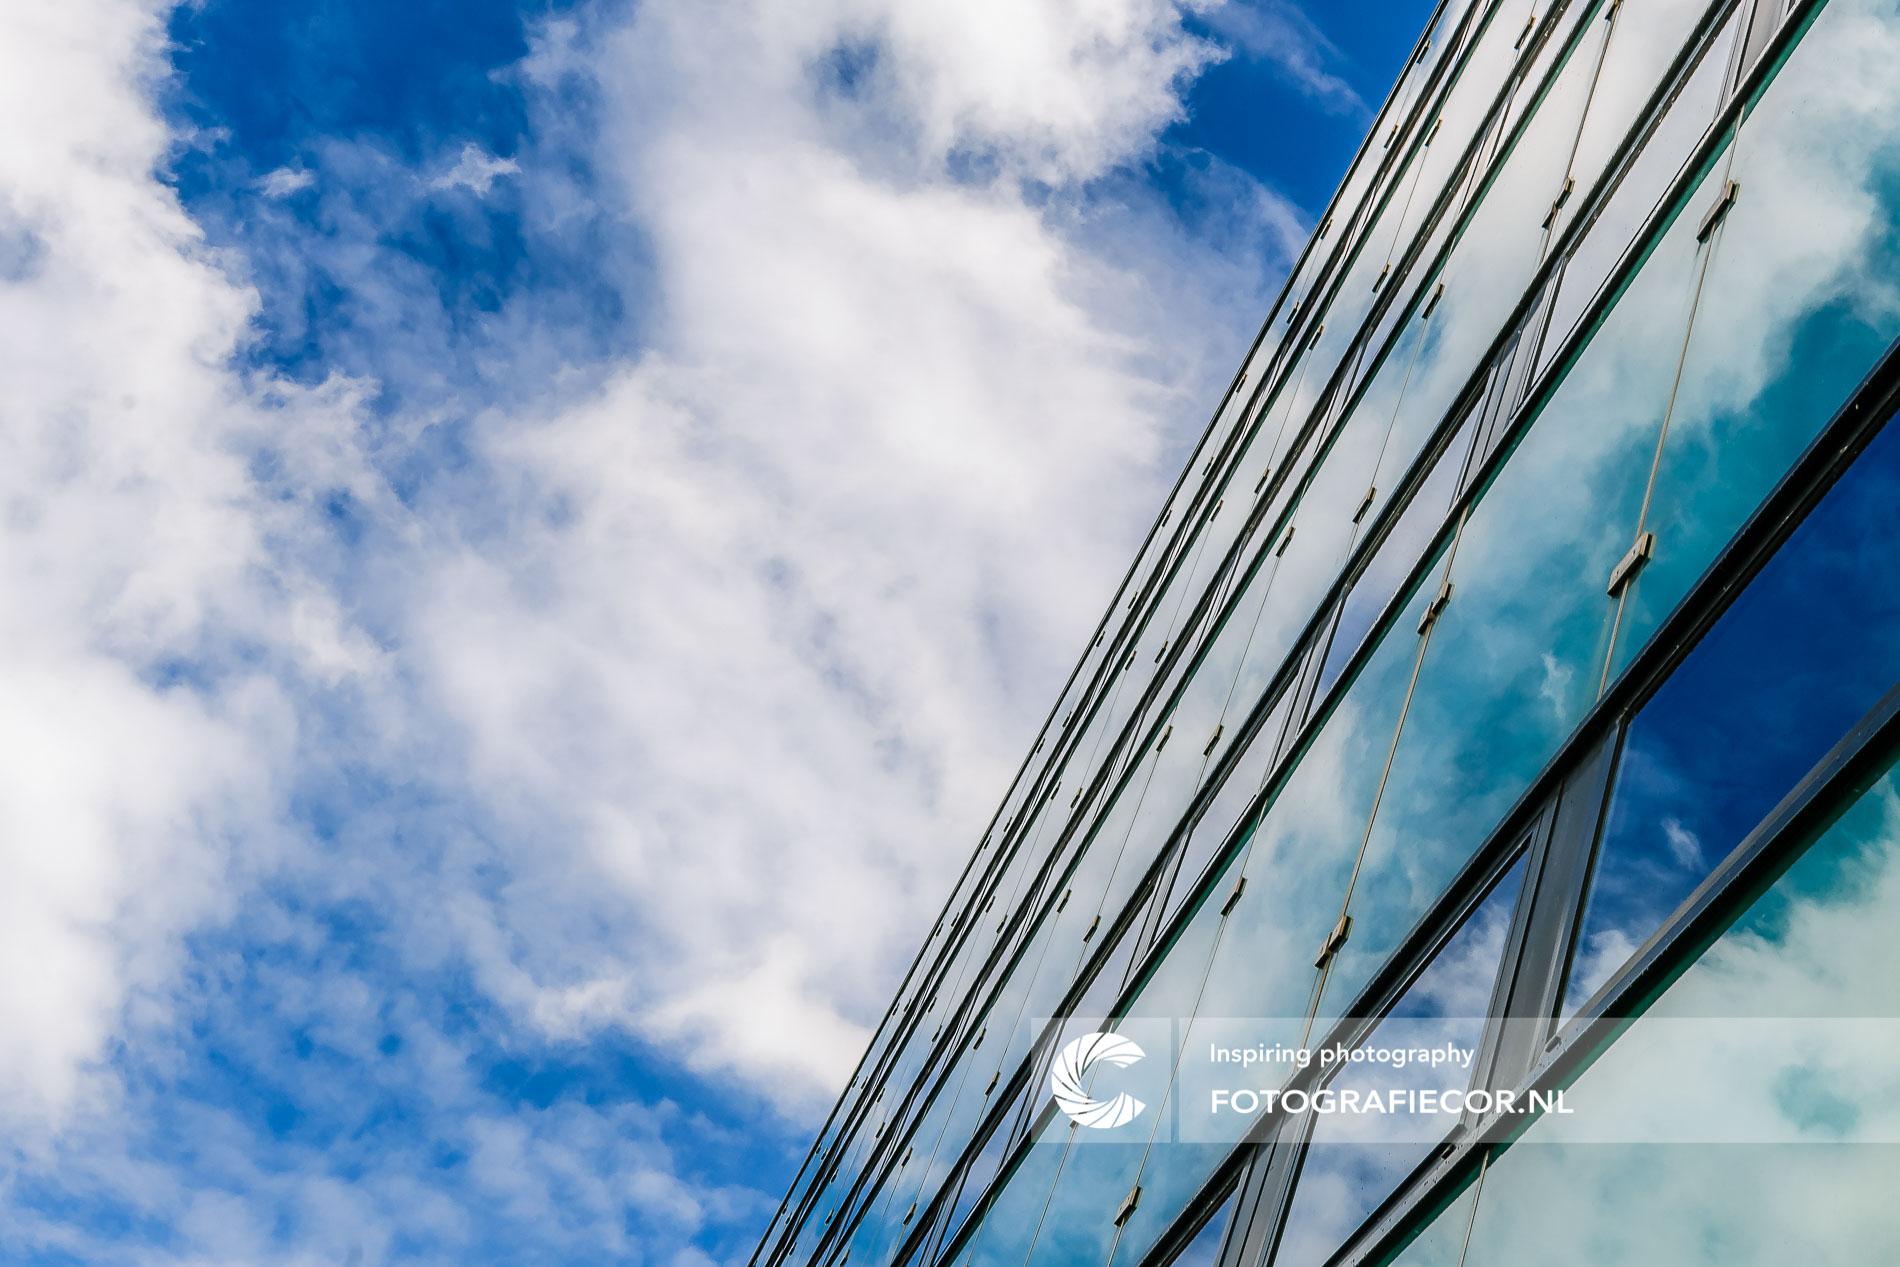 Heldere wolken weerspiegeld in ramen | architectuurfotograaf